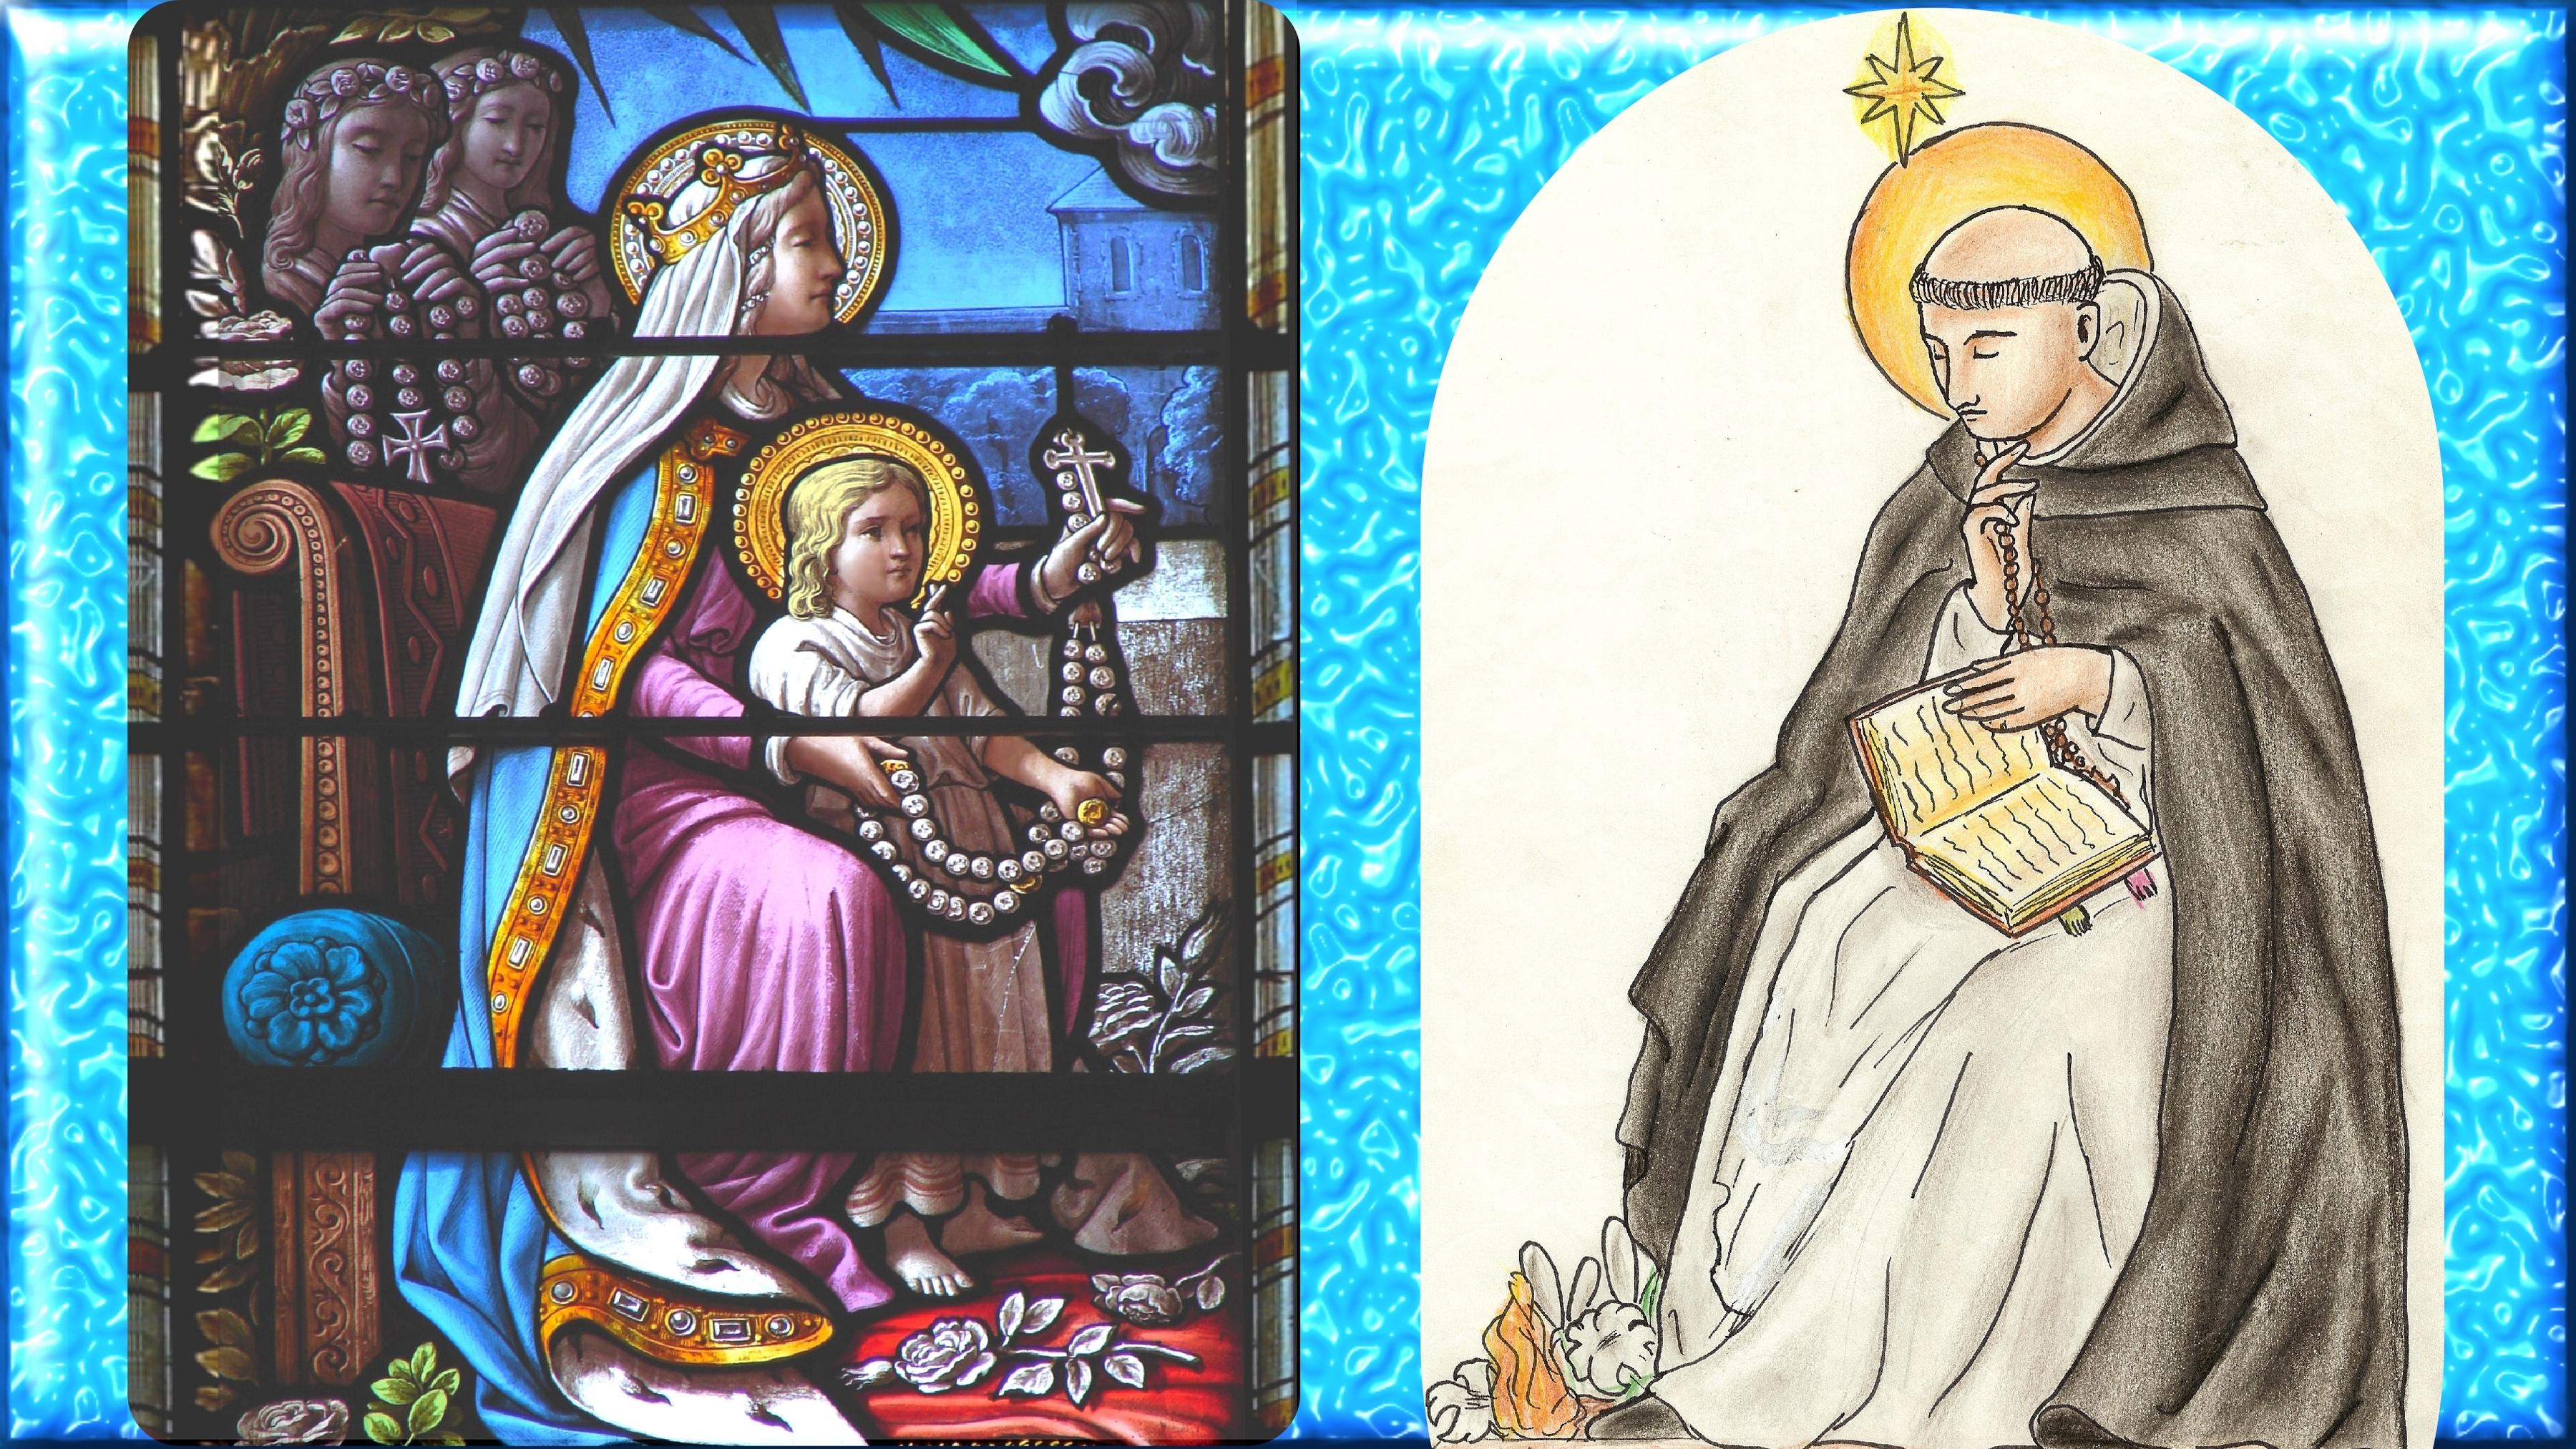 CALENDRIER CATHOLIQUE 2020 (Cantiques, Prières & Images) - Page 22 Notre-dame-du-ros...ominique-579b2b4